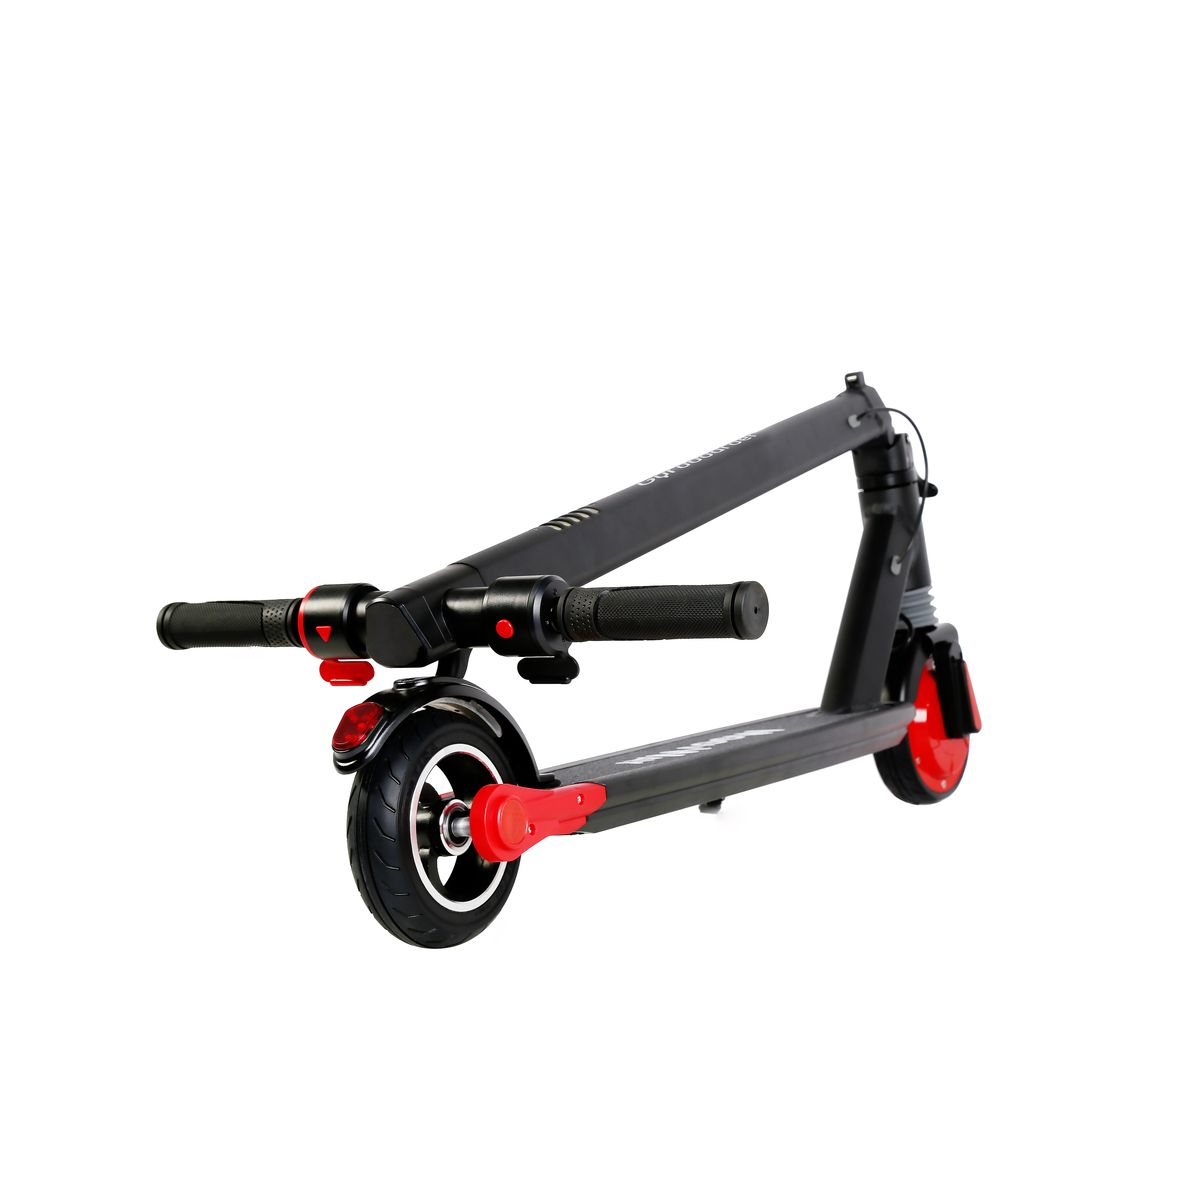 GYROBOARDER Trottinette électrique - i11